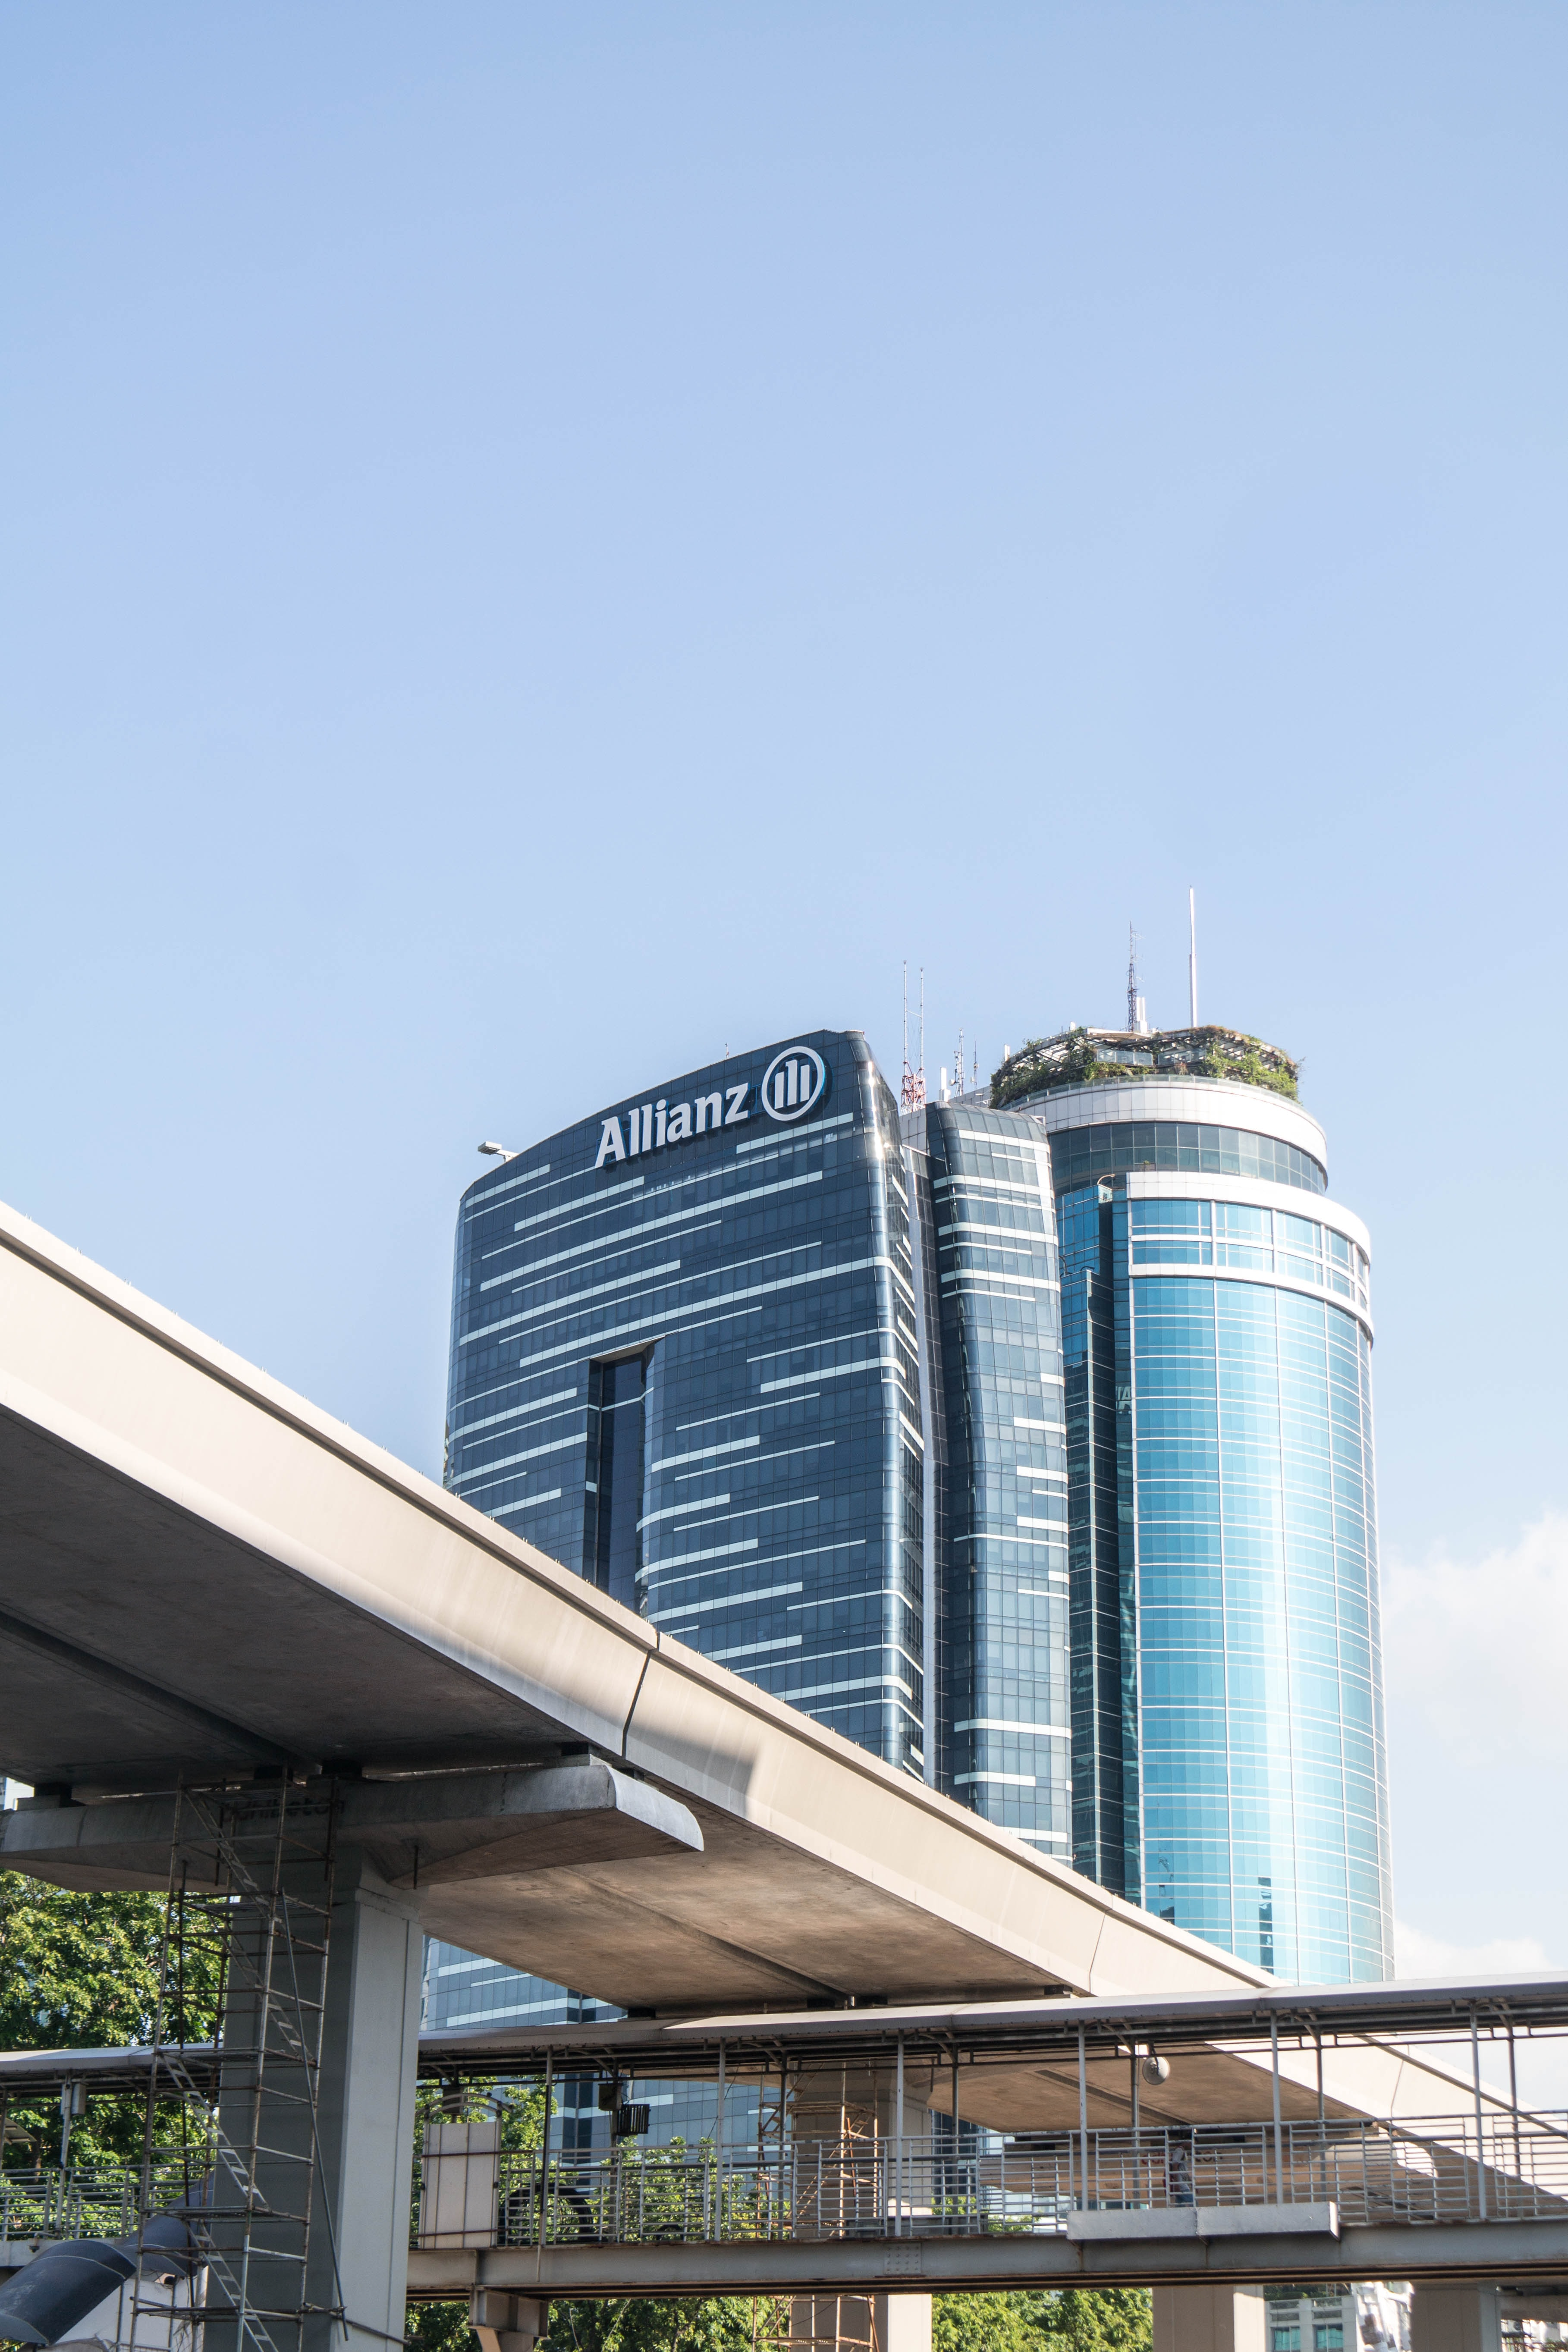 Bo Allianz ponovno izplačal 4,44% dividende?